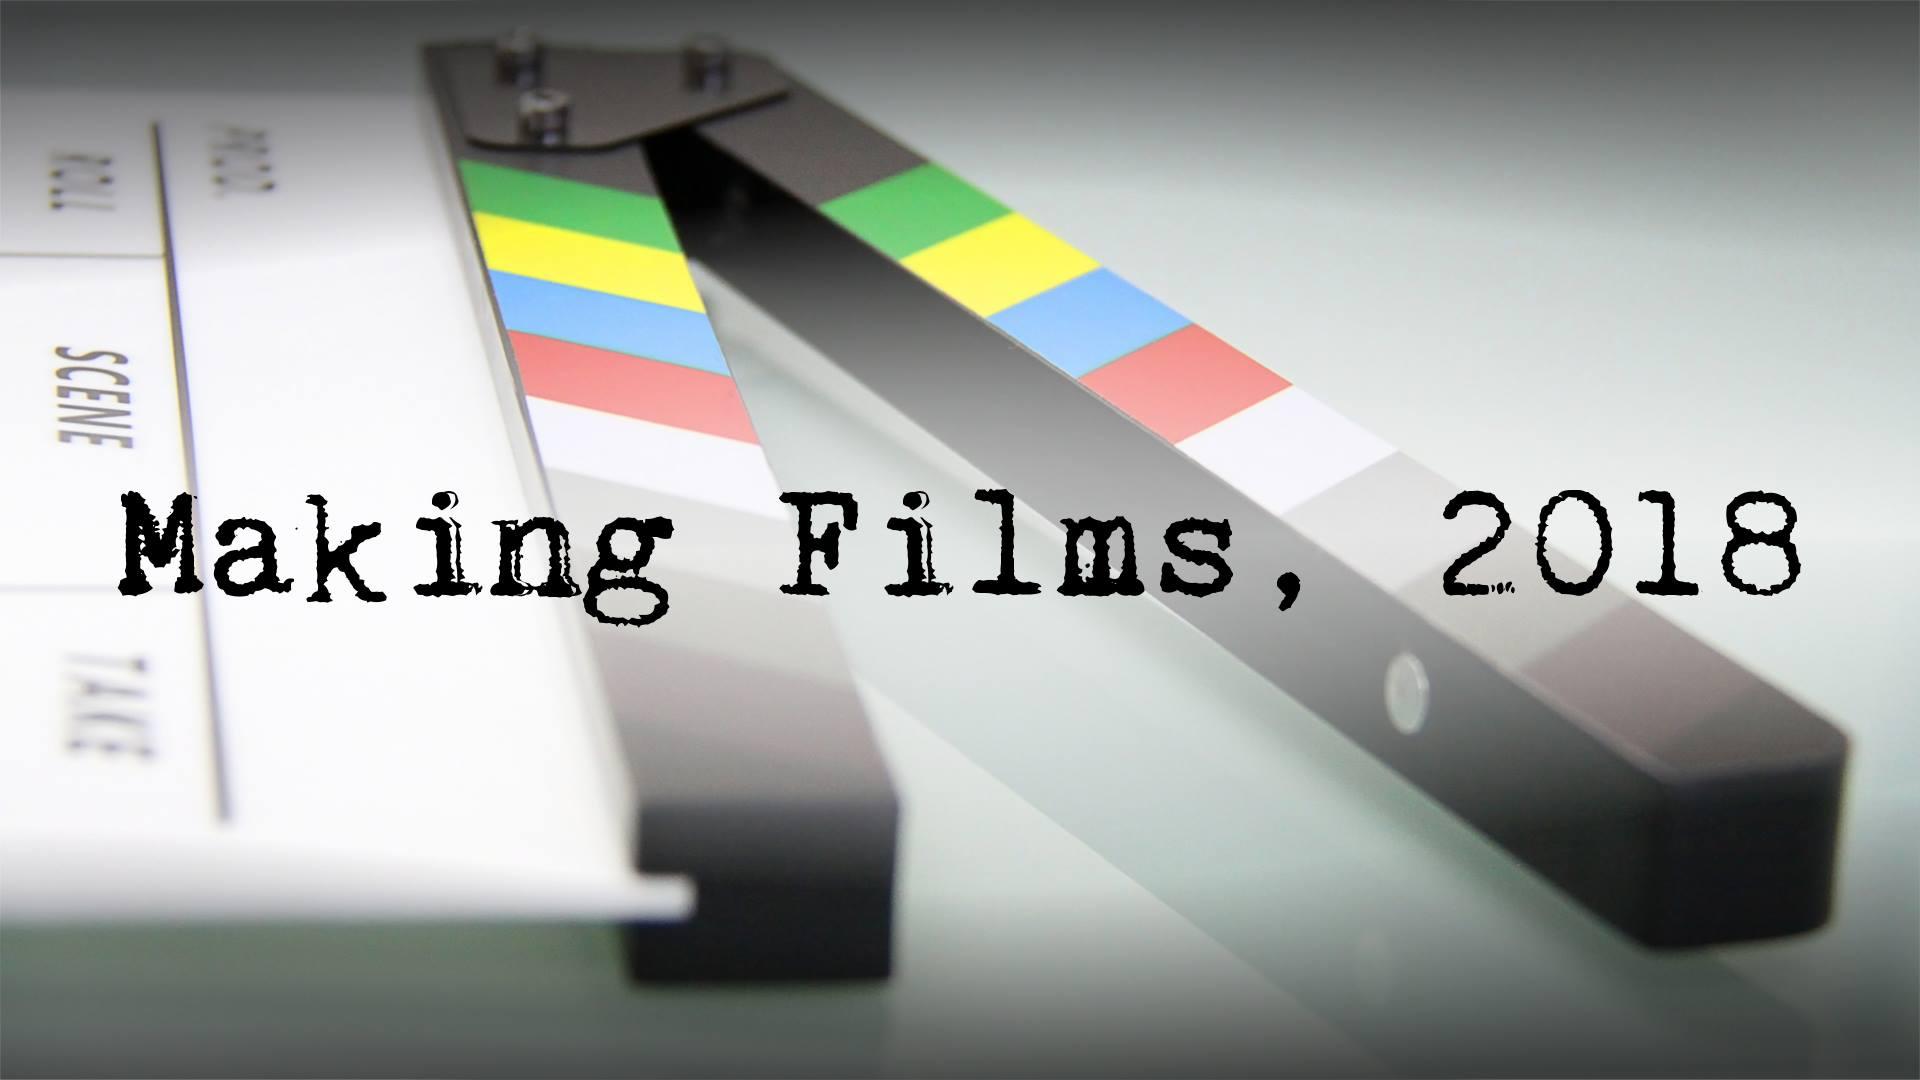 MAKING FILMS - MAIN IMAGE